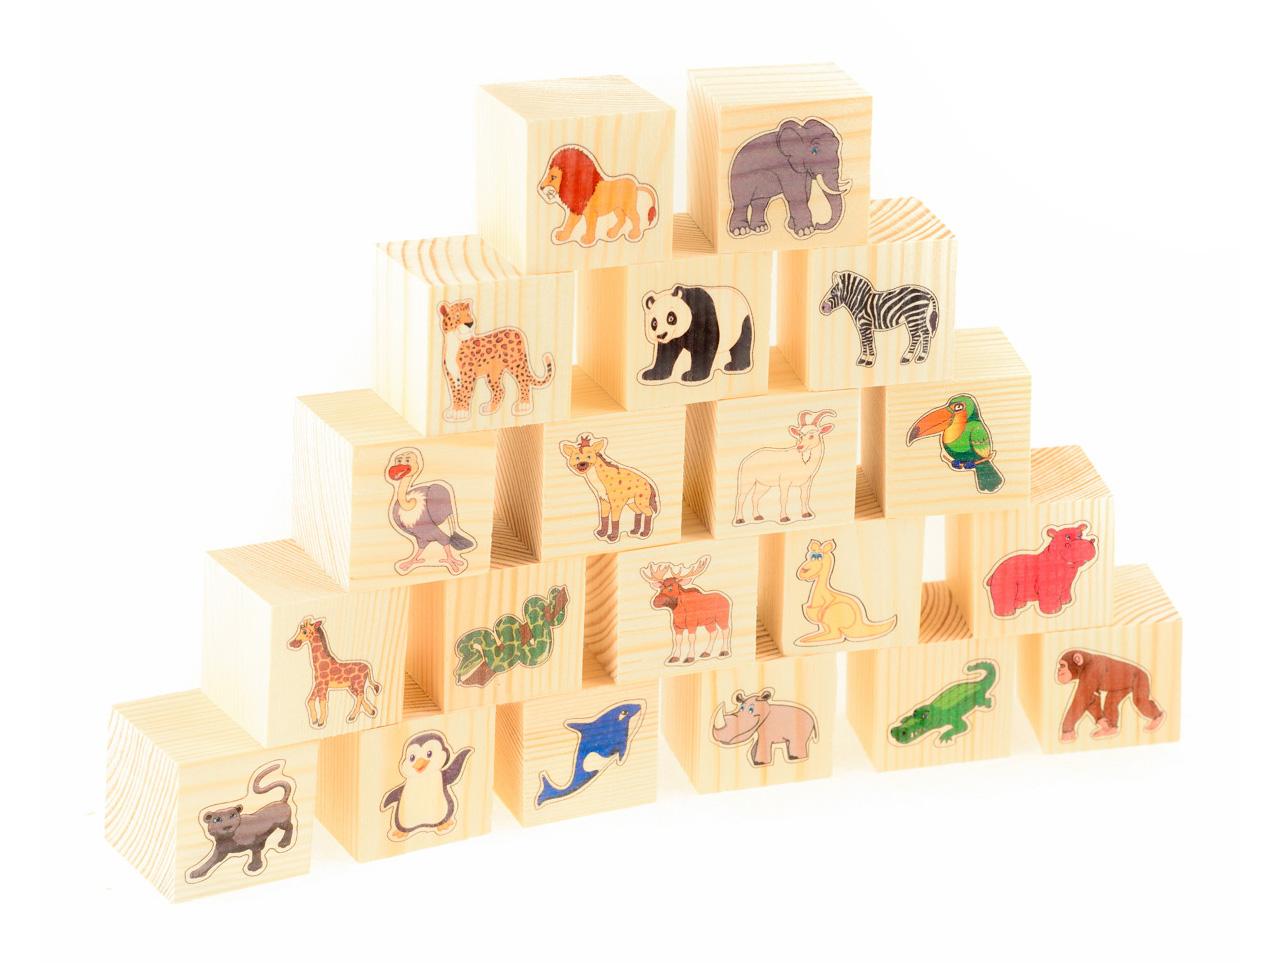 Развивающие деревянные игрушки Кубики В зоопарке конструкторы игрушки из дерева трамвай